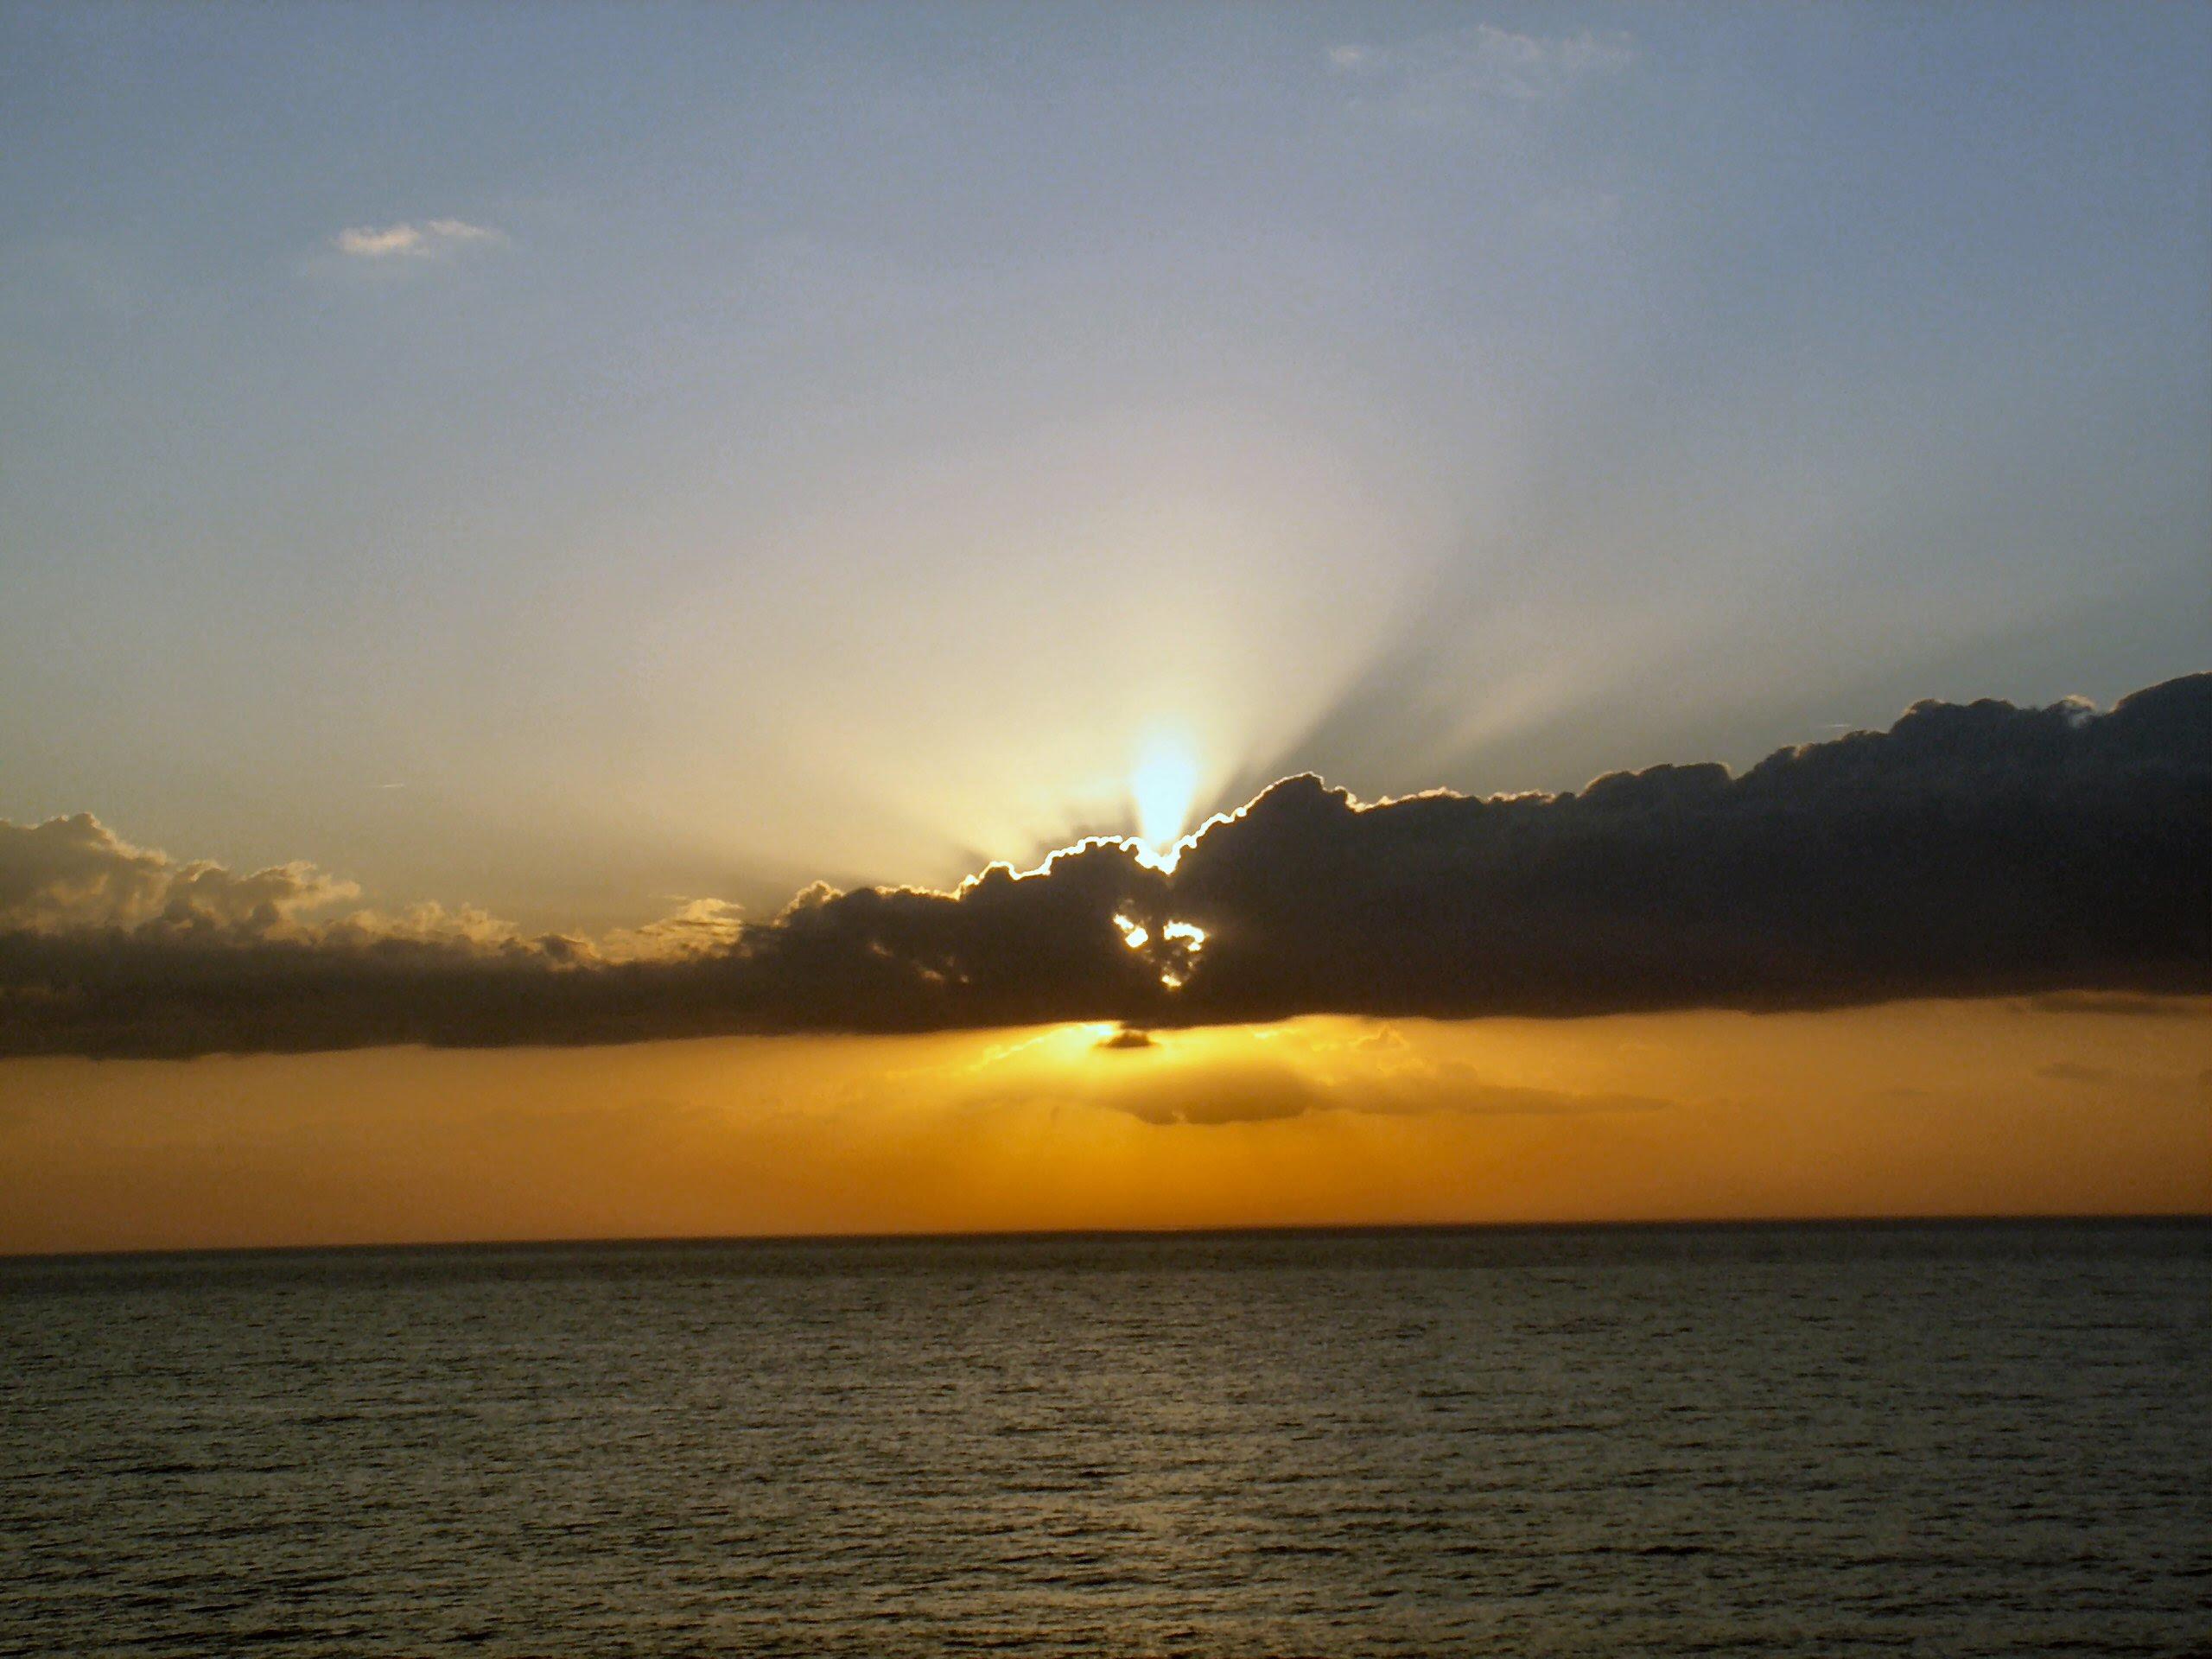 sunriseHorizonEast.jpg